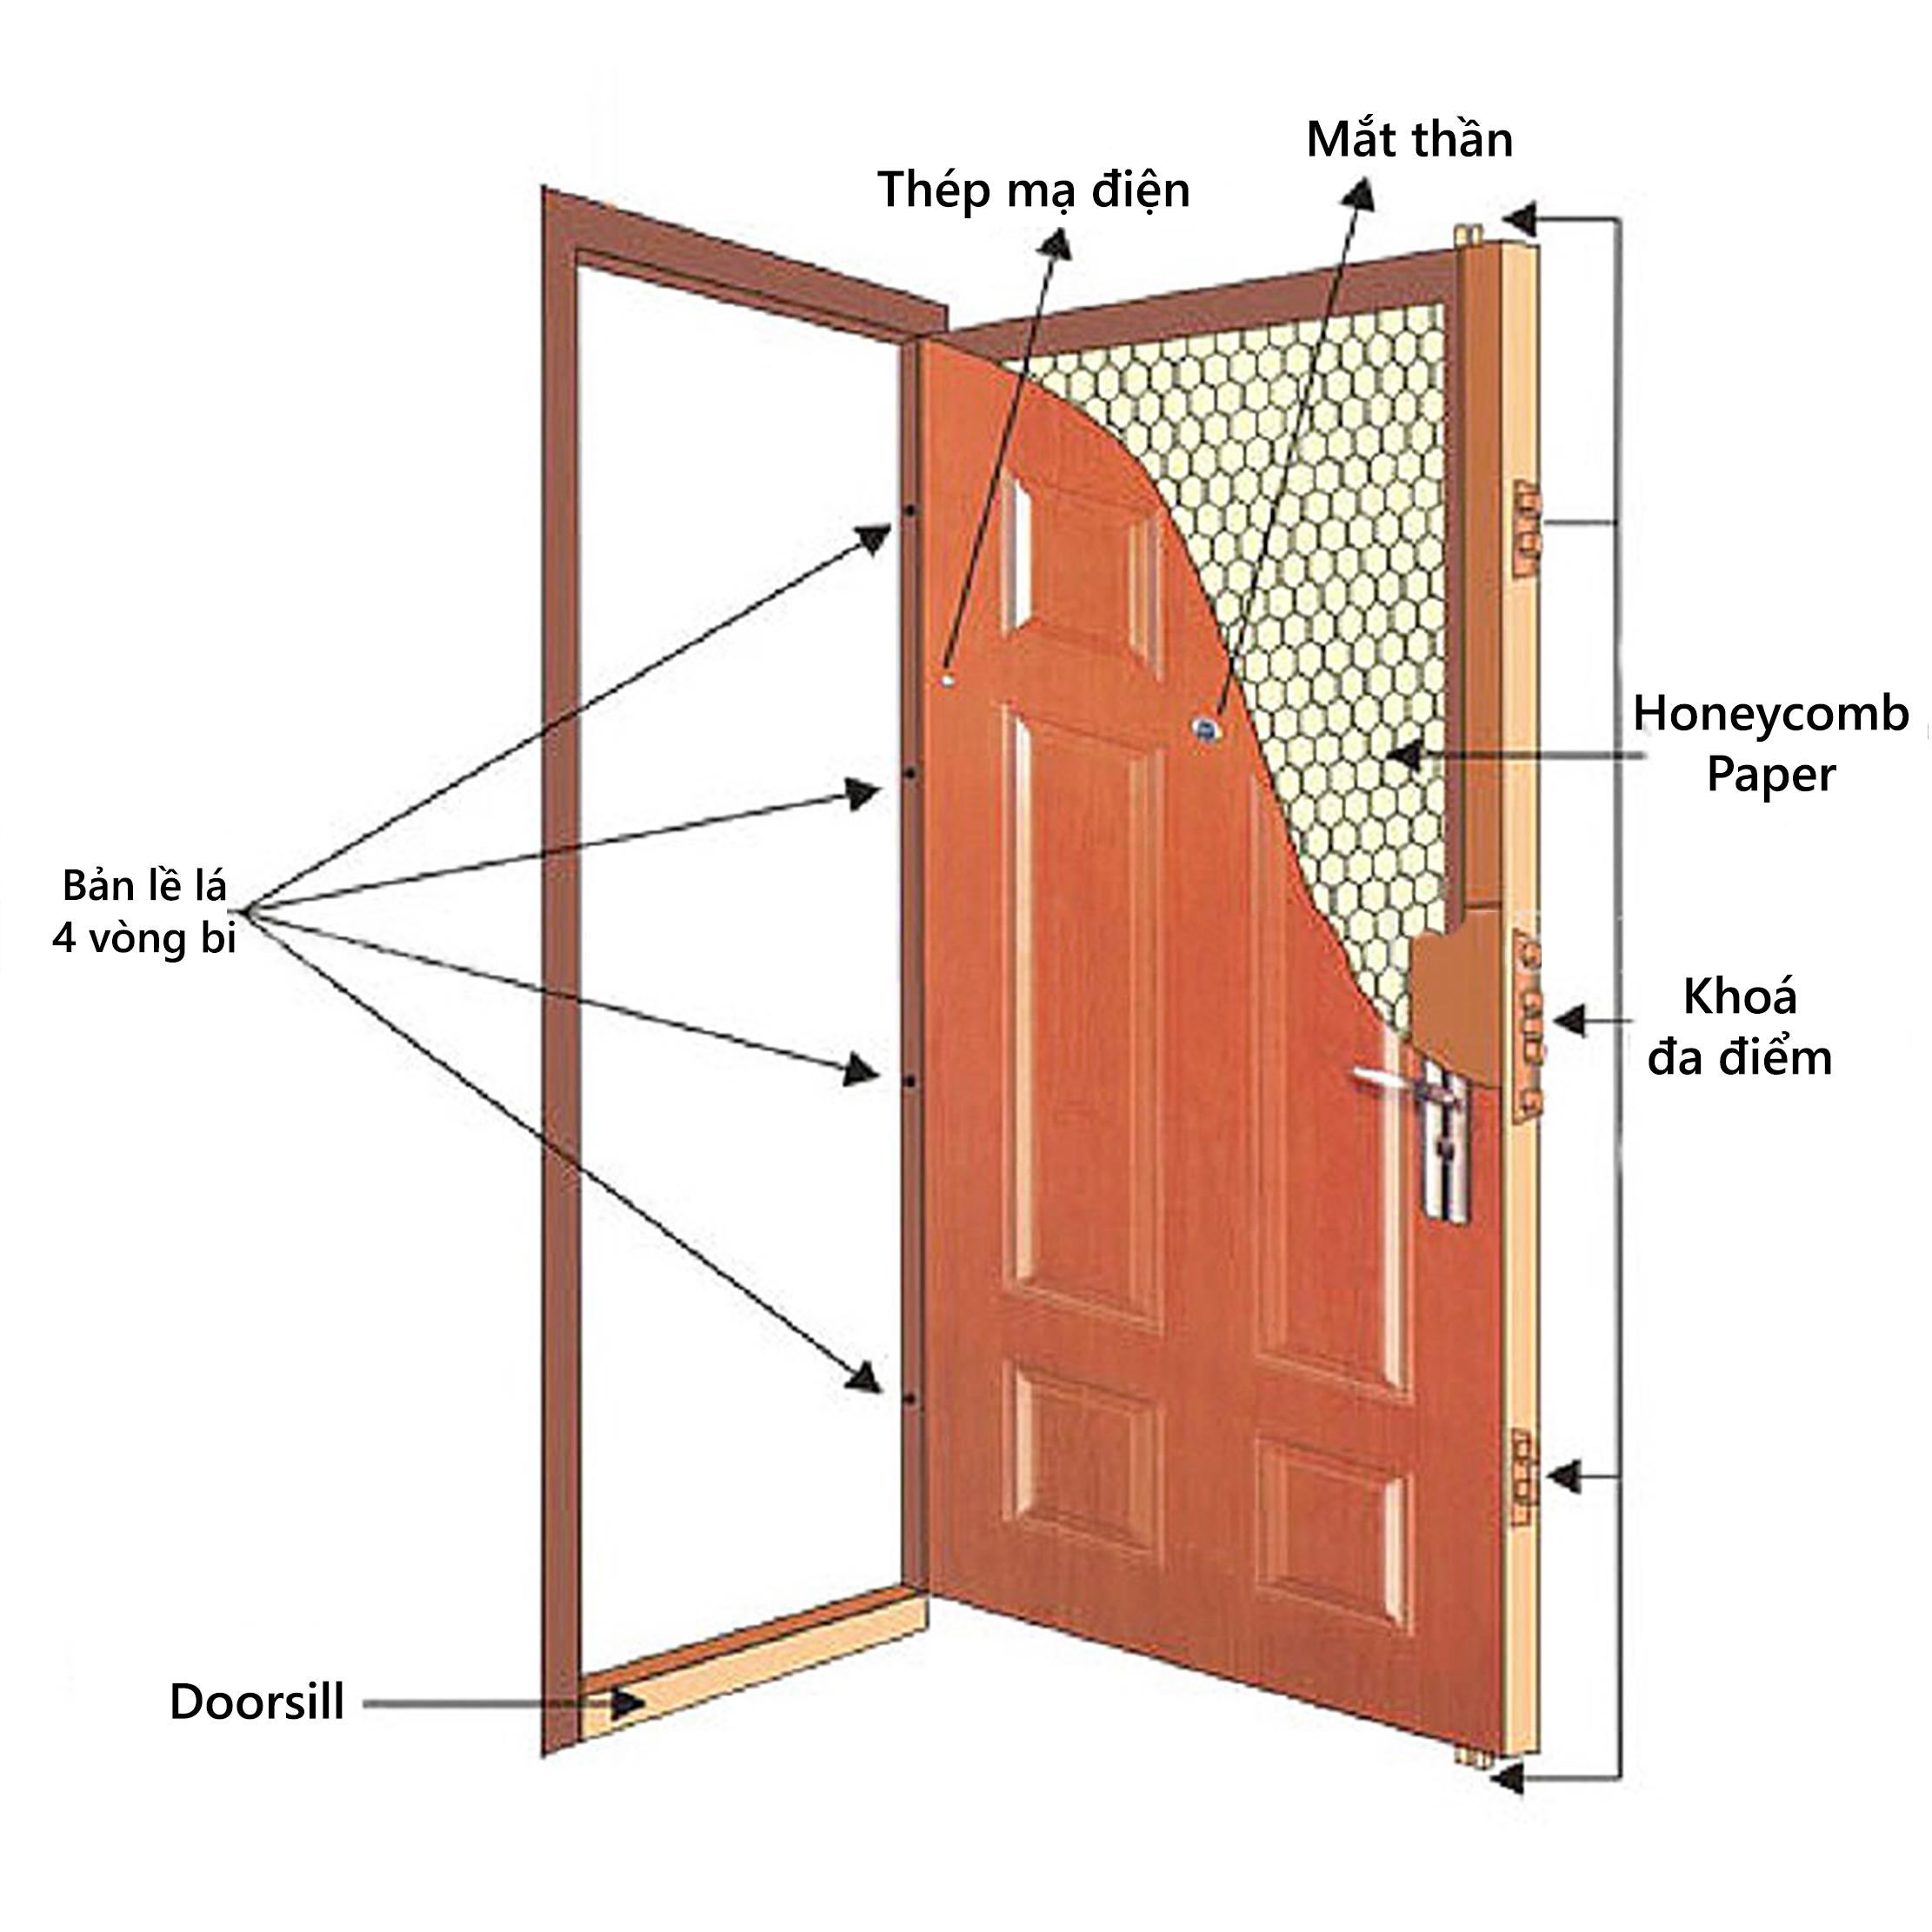 Phải quan sát từng chi tiết của cửa để kiểm tra